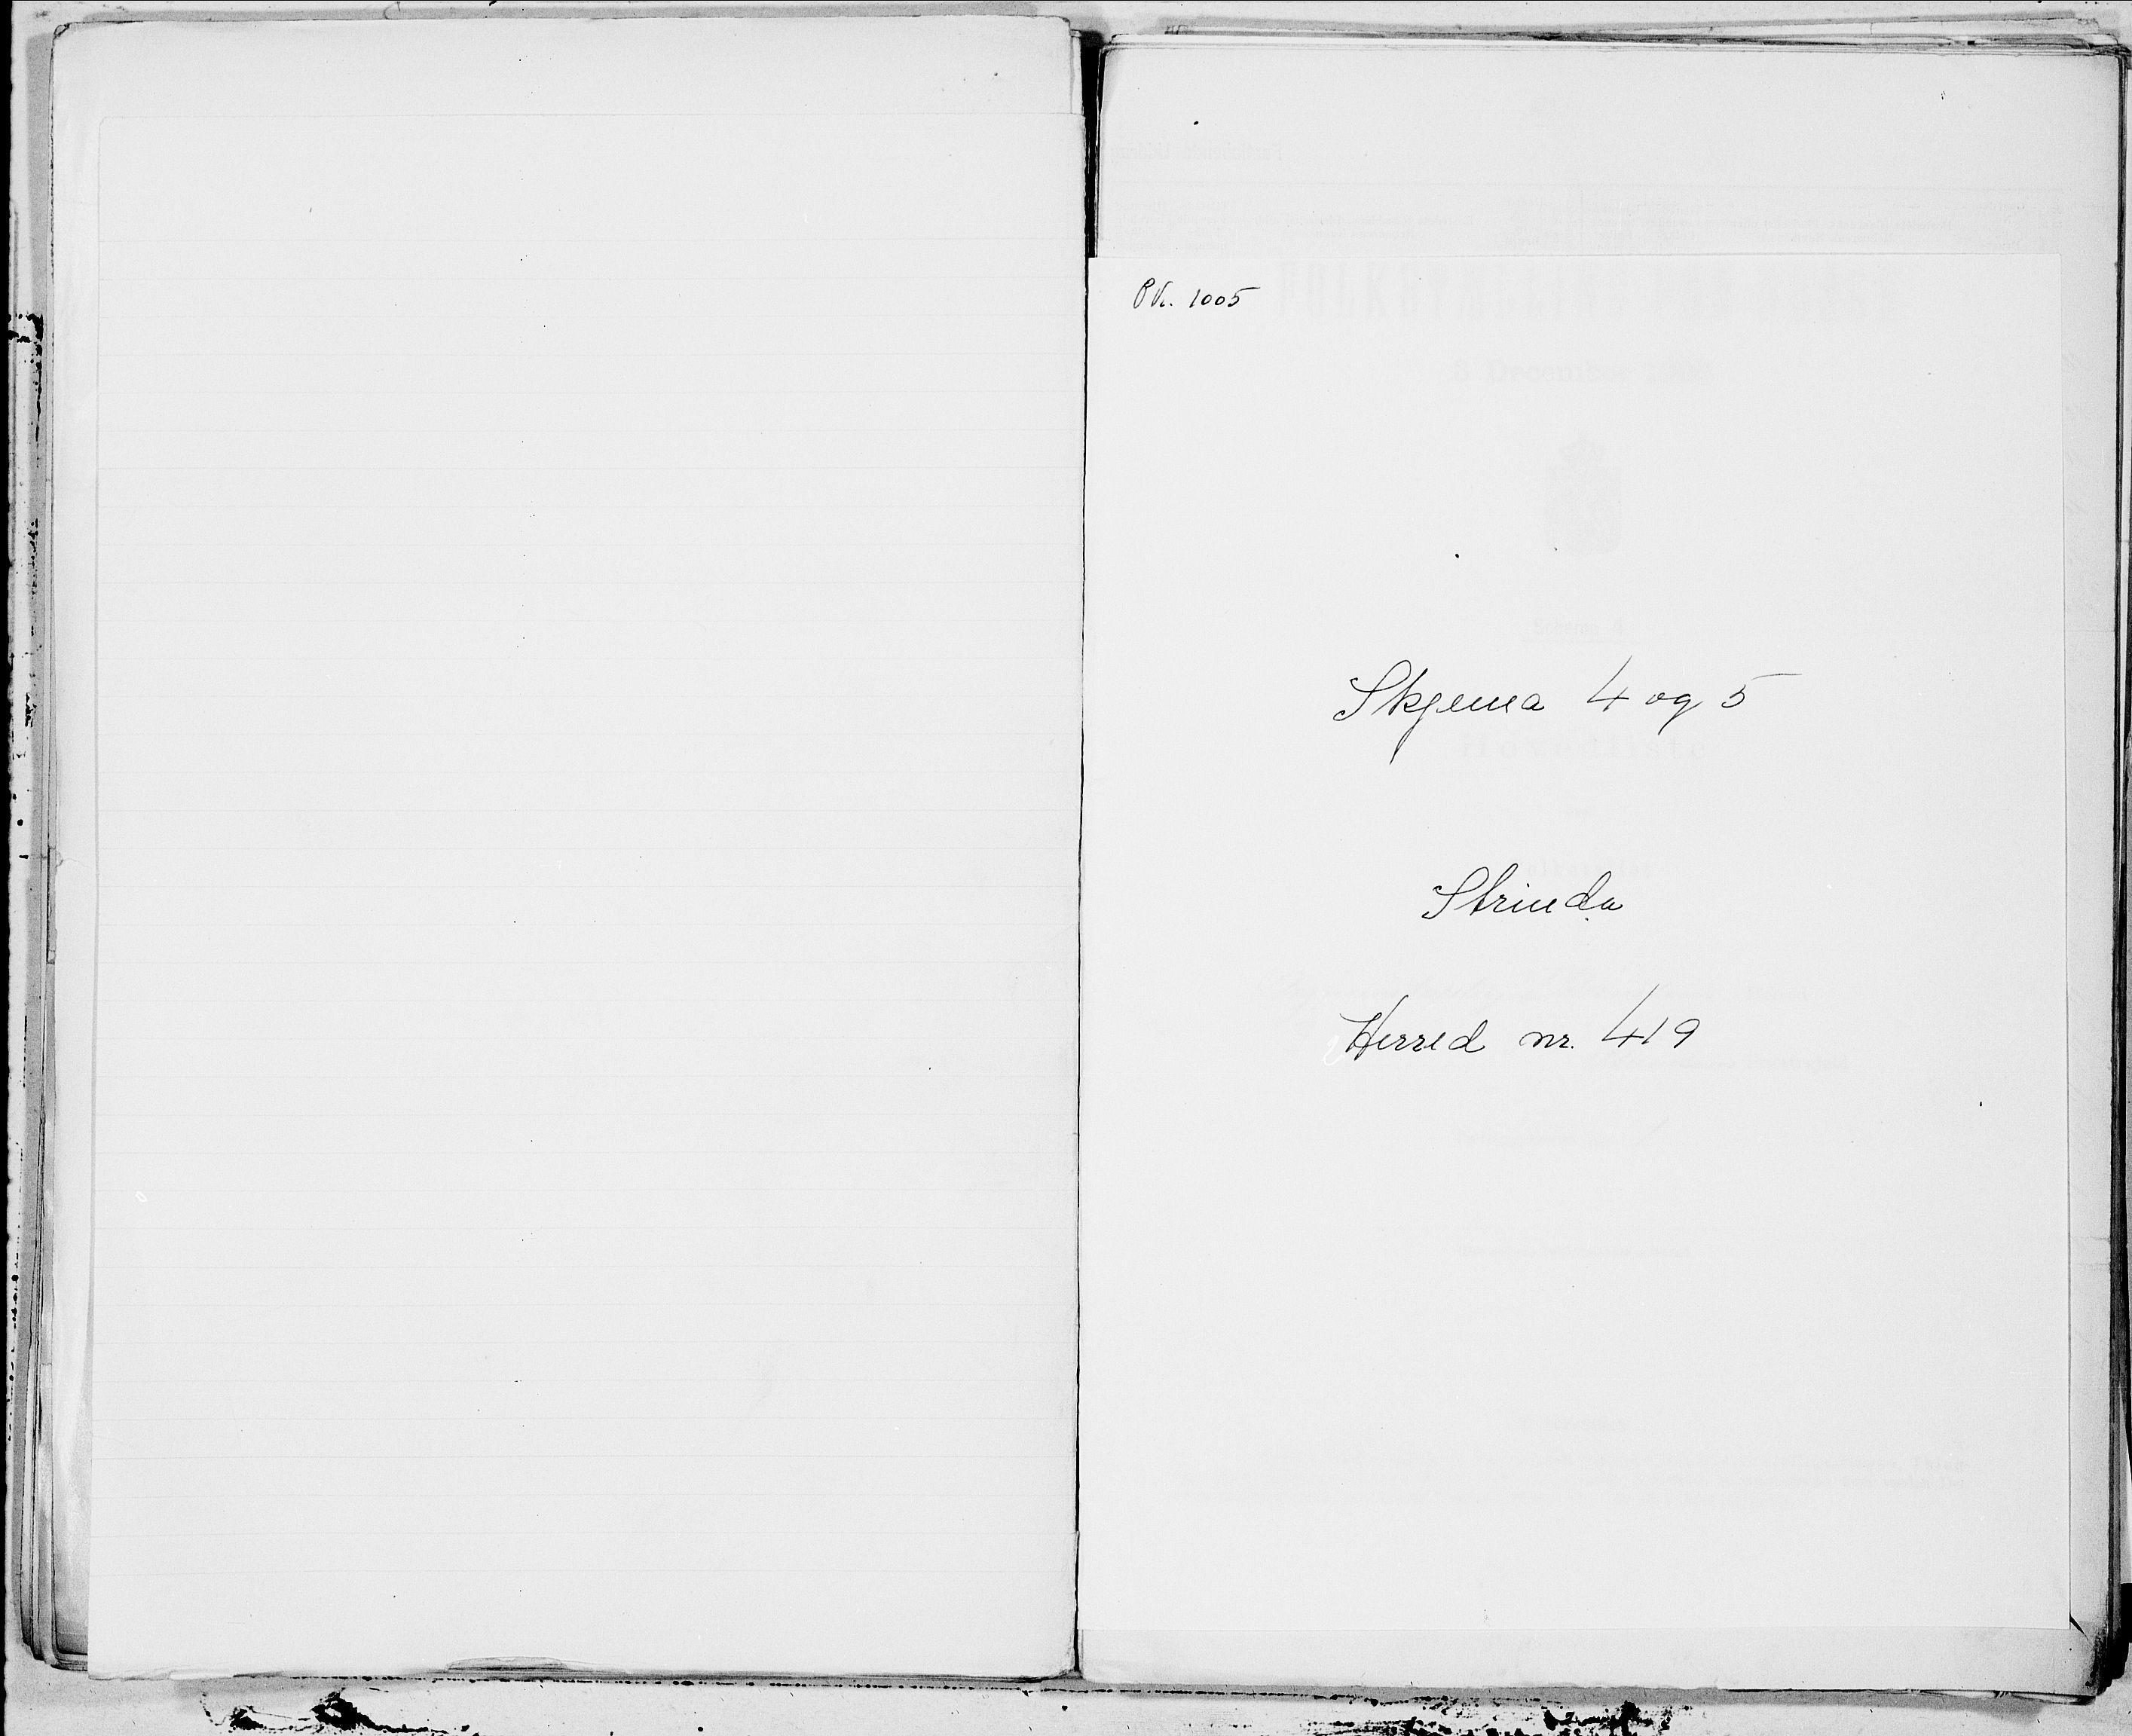 SAT, Folketelling 1900 for 1660 Strinda herred, 1900, s. 1